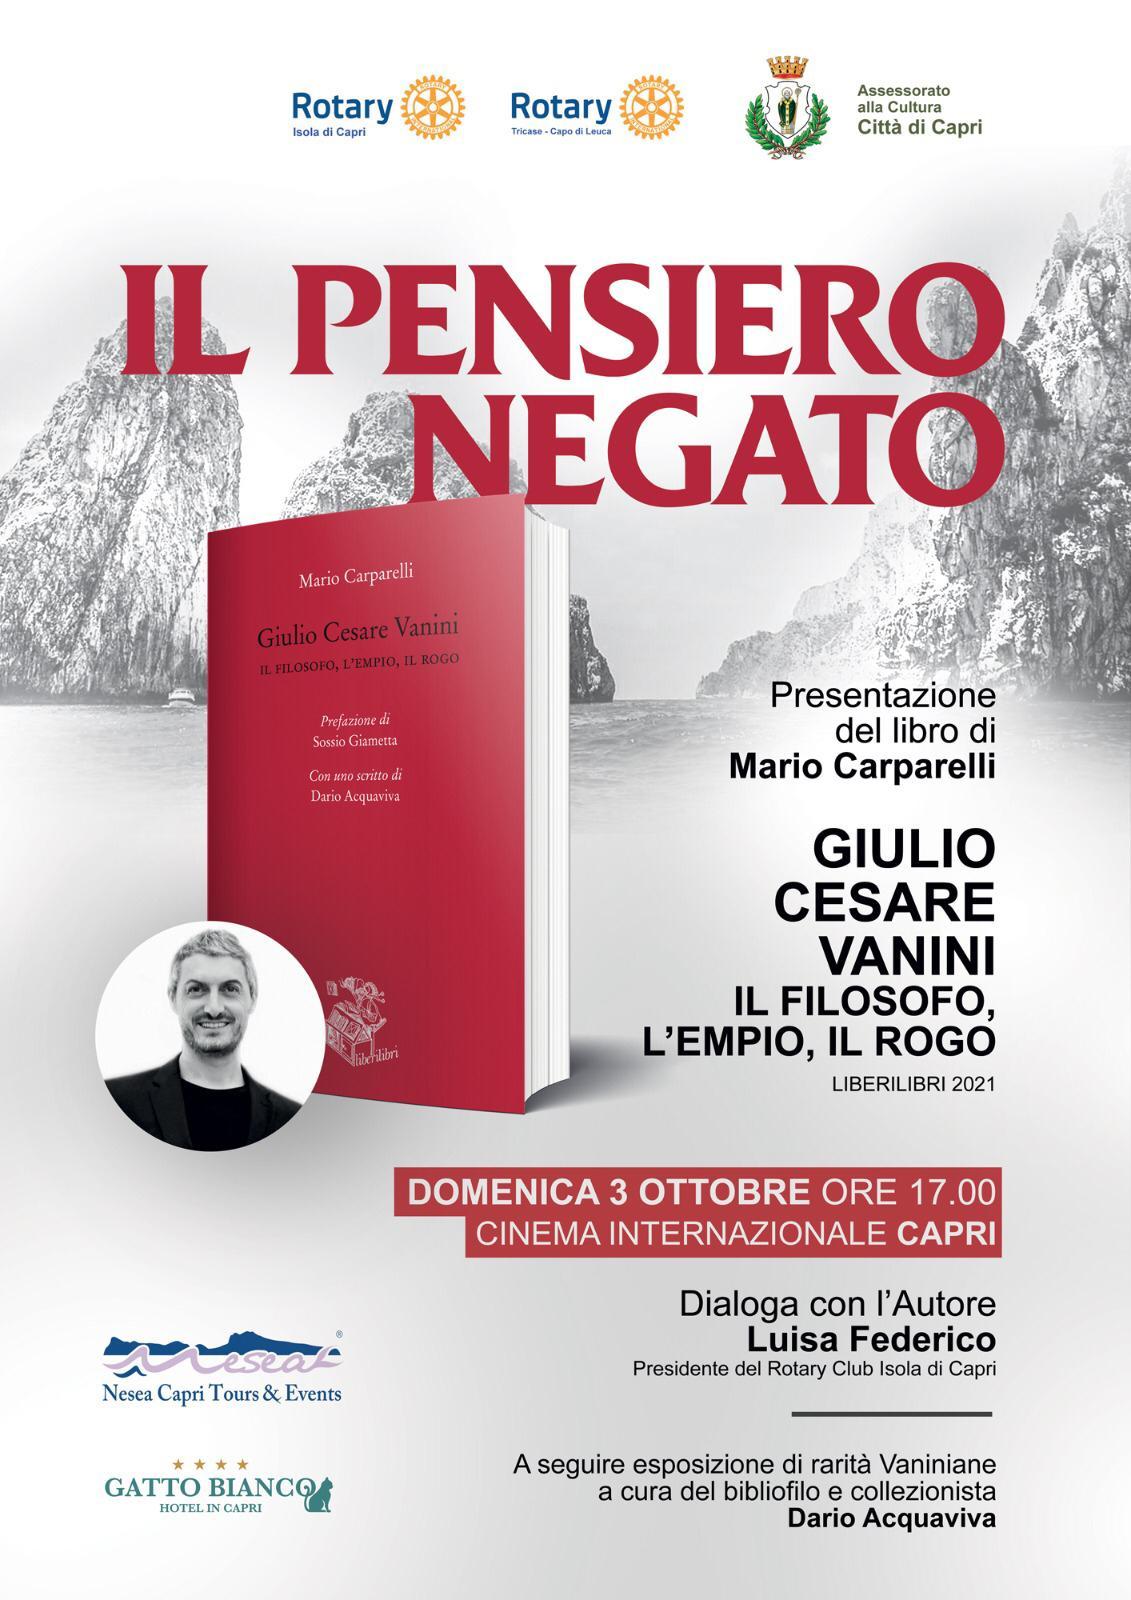 """Capri. """"Il Pensiero Negato. con la Presentazione del Volume """"Giulio Cesare Vannini – il Filosofo, L'Empio, il Rogo"""" di Mario Carparelli"""